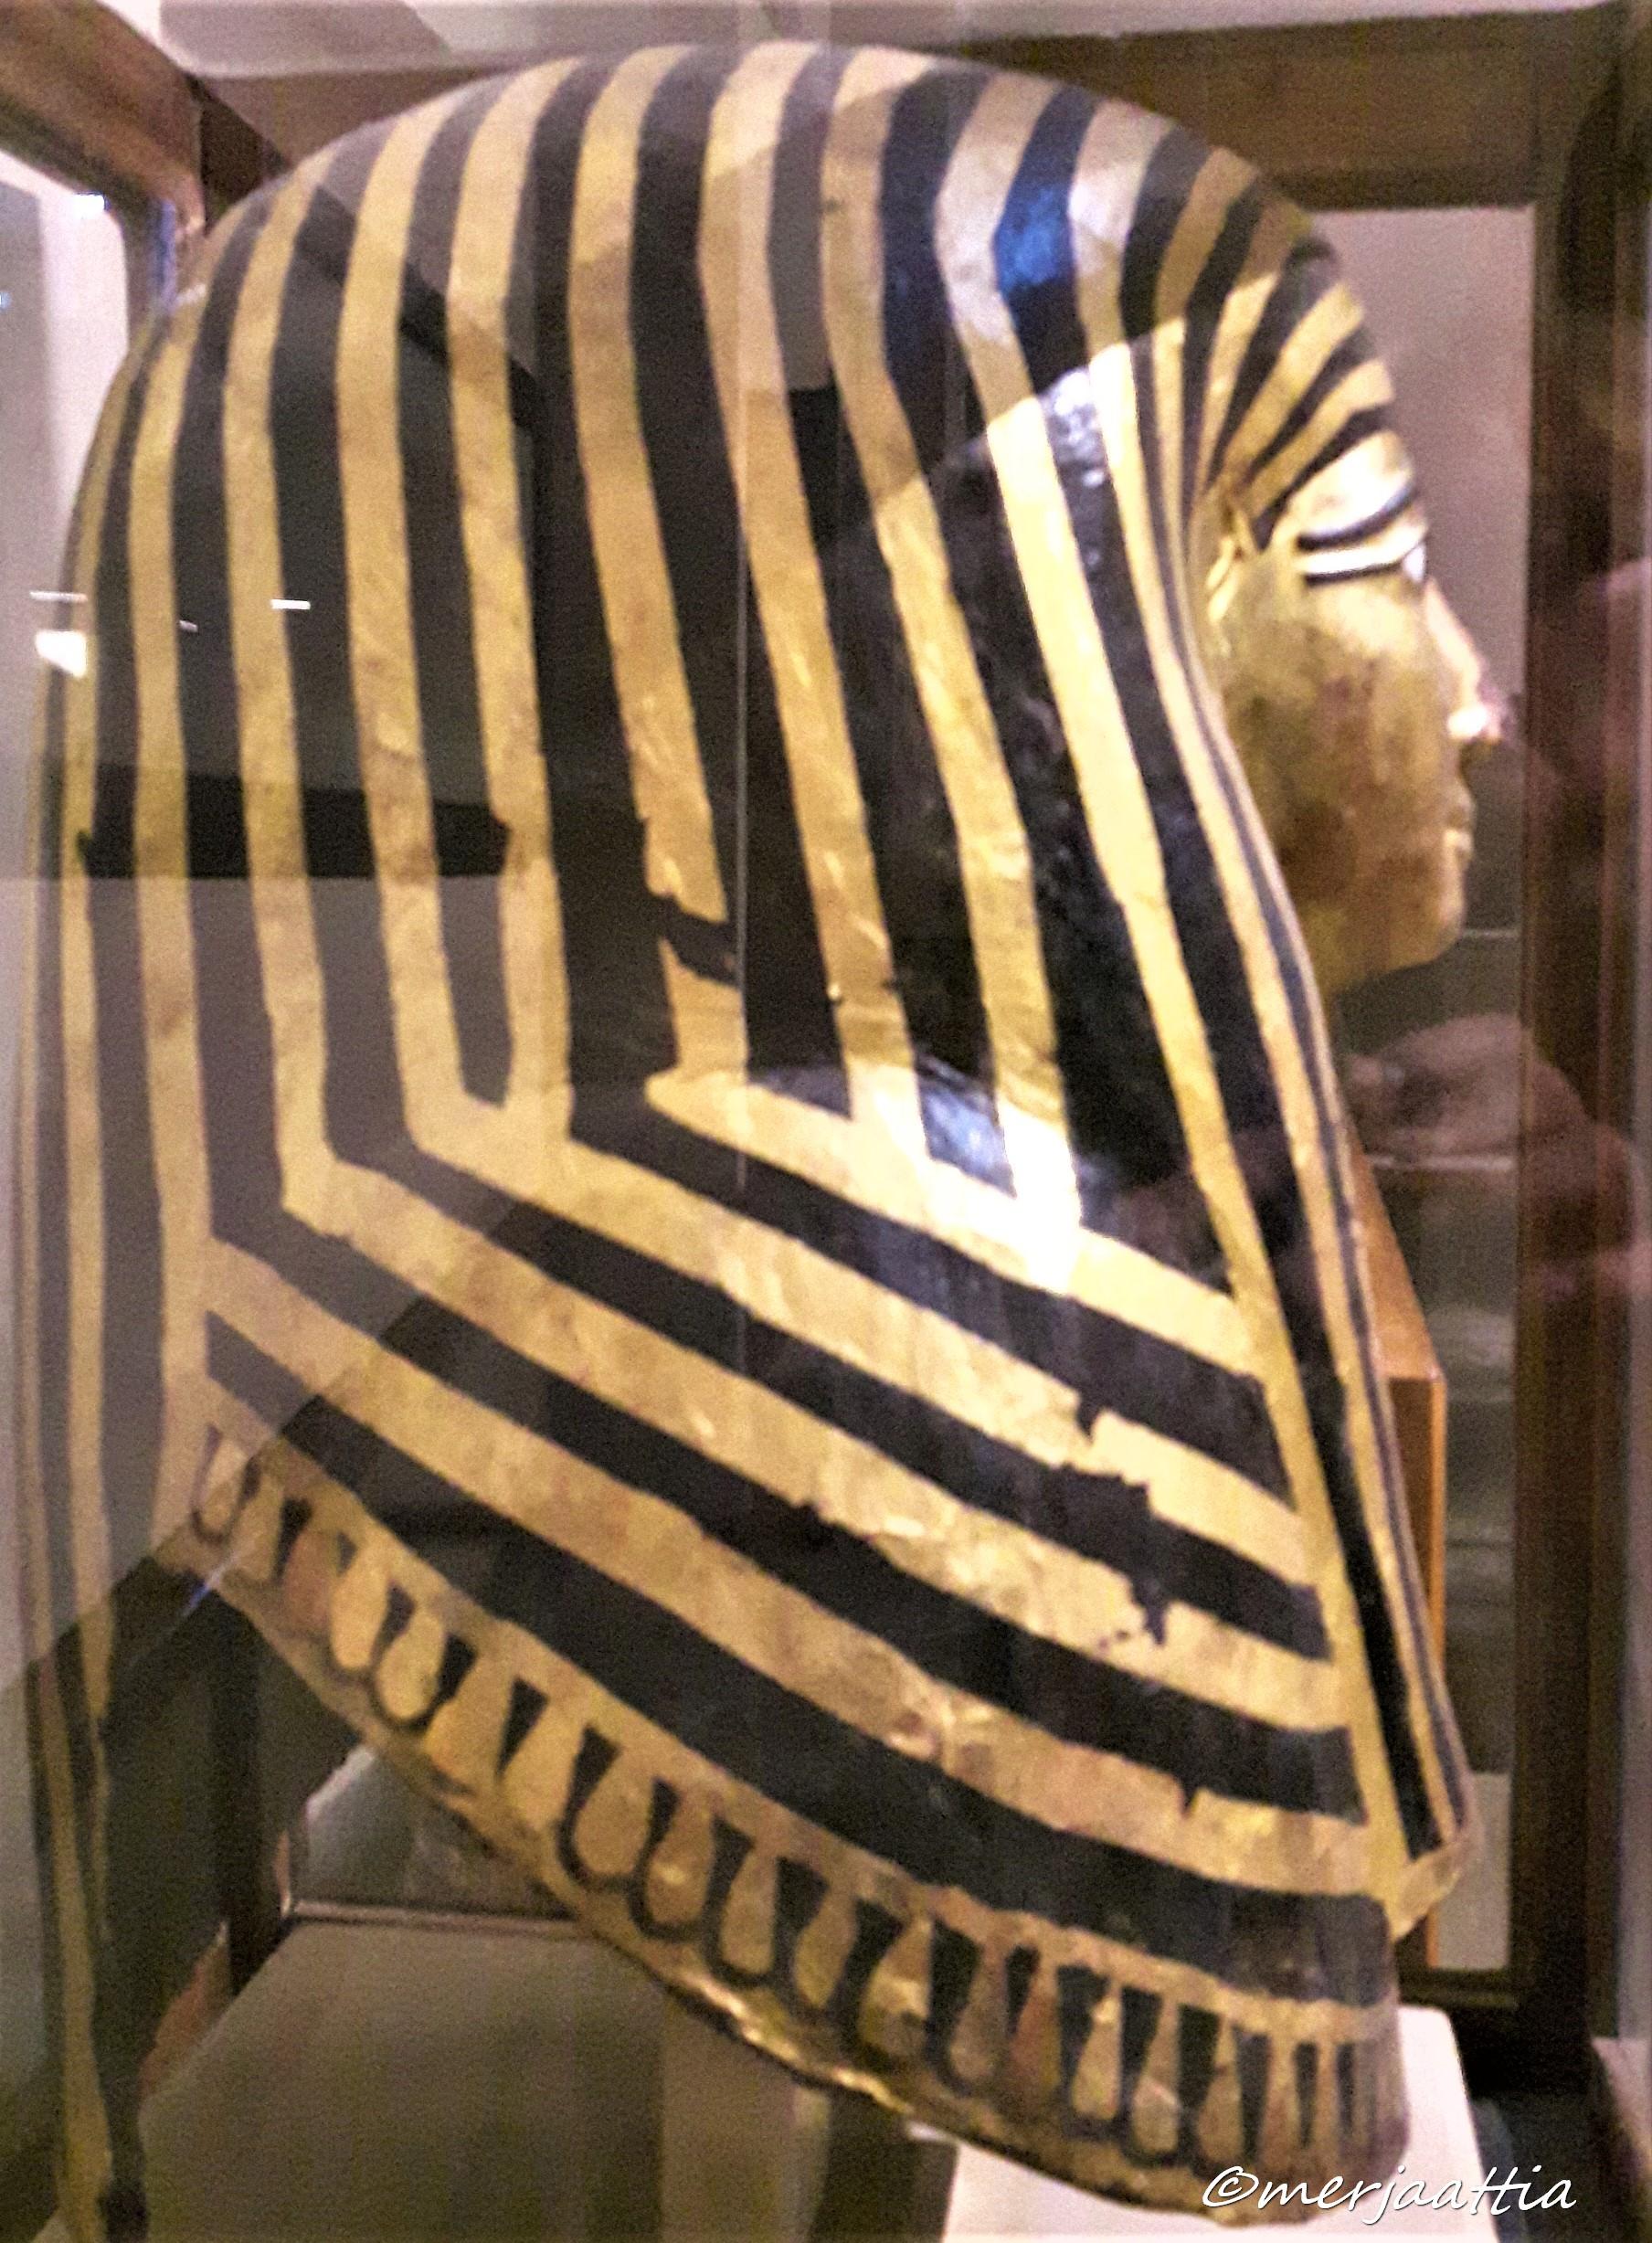 Side of mummy mask